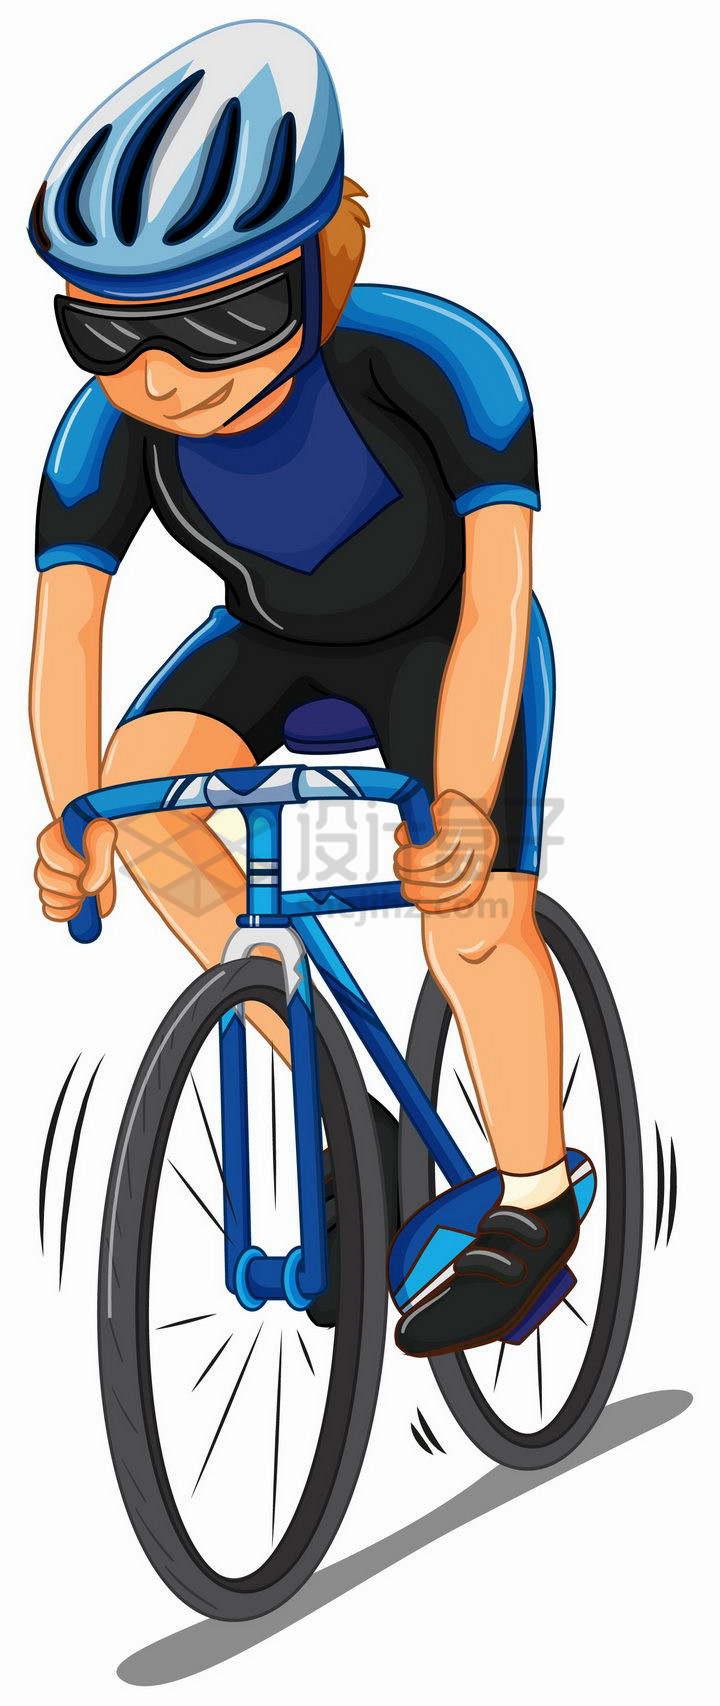 卡通专业运动员正在骑公路自行车赛车png图片免抠矢量素材